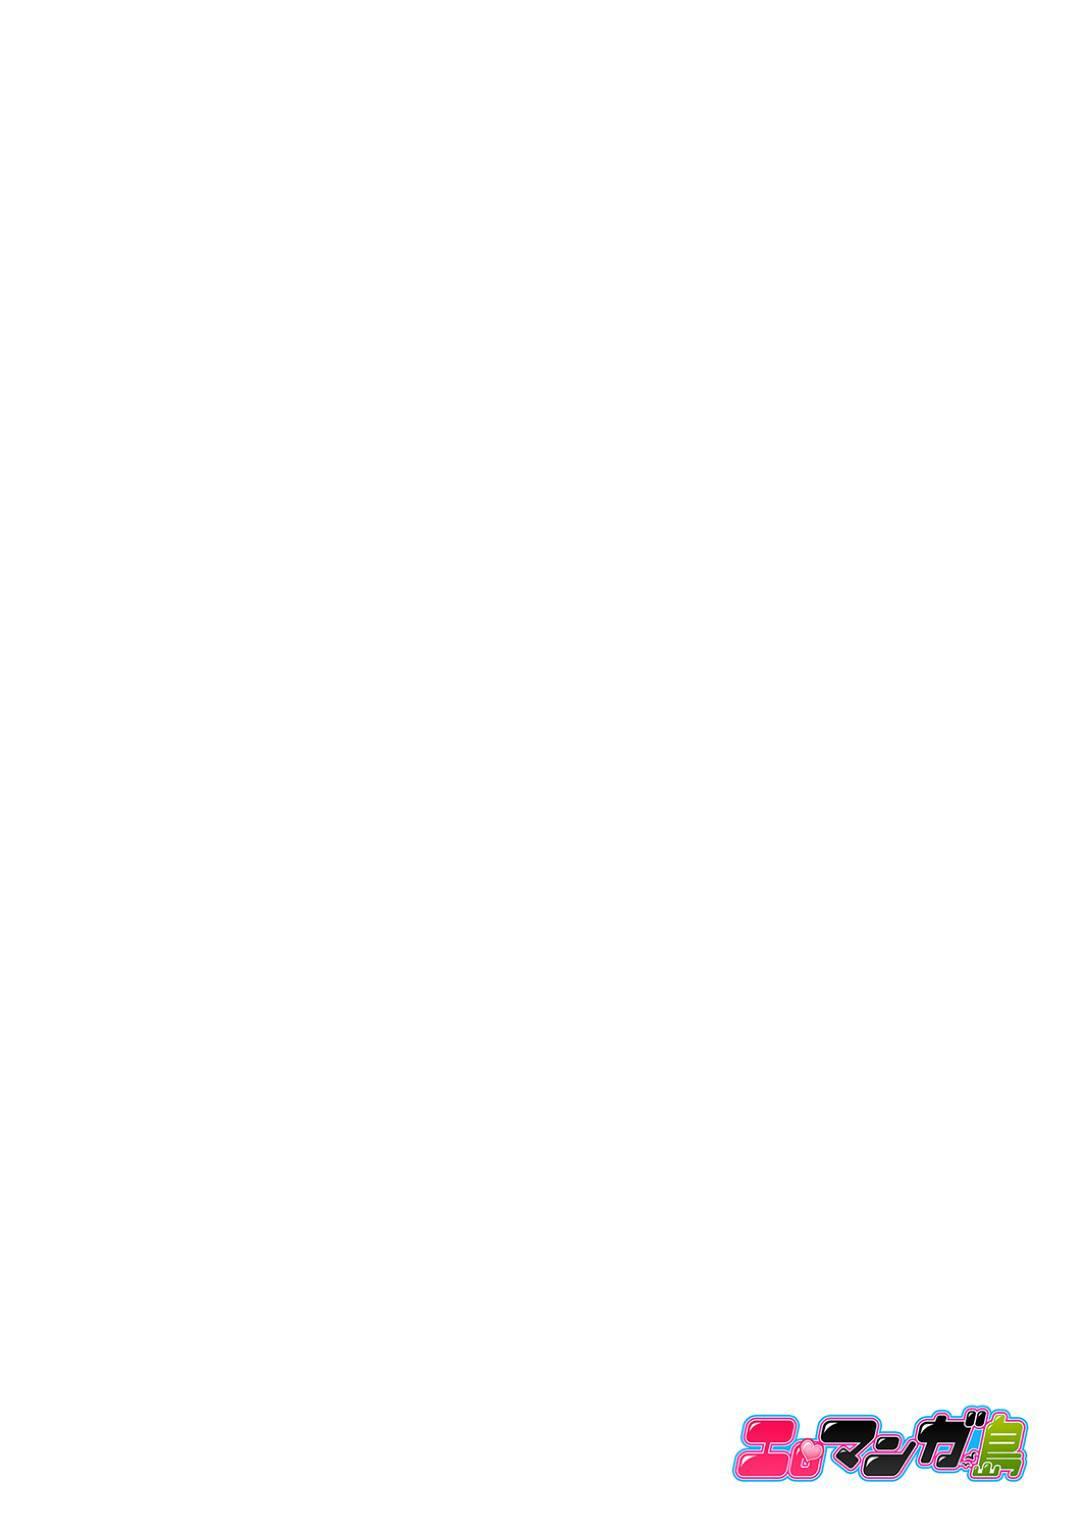 【エロ漫画】旦那のことが大好きな巨乳美人新妻…引越し先の隣人が元セフレで昔のように戻ってしまい旦那の横で生挿入セックス【あいす・らて:ここイジられるの好きだったよな?〜隣人は人妻の元セフレ】